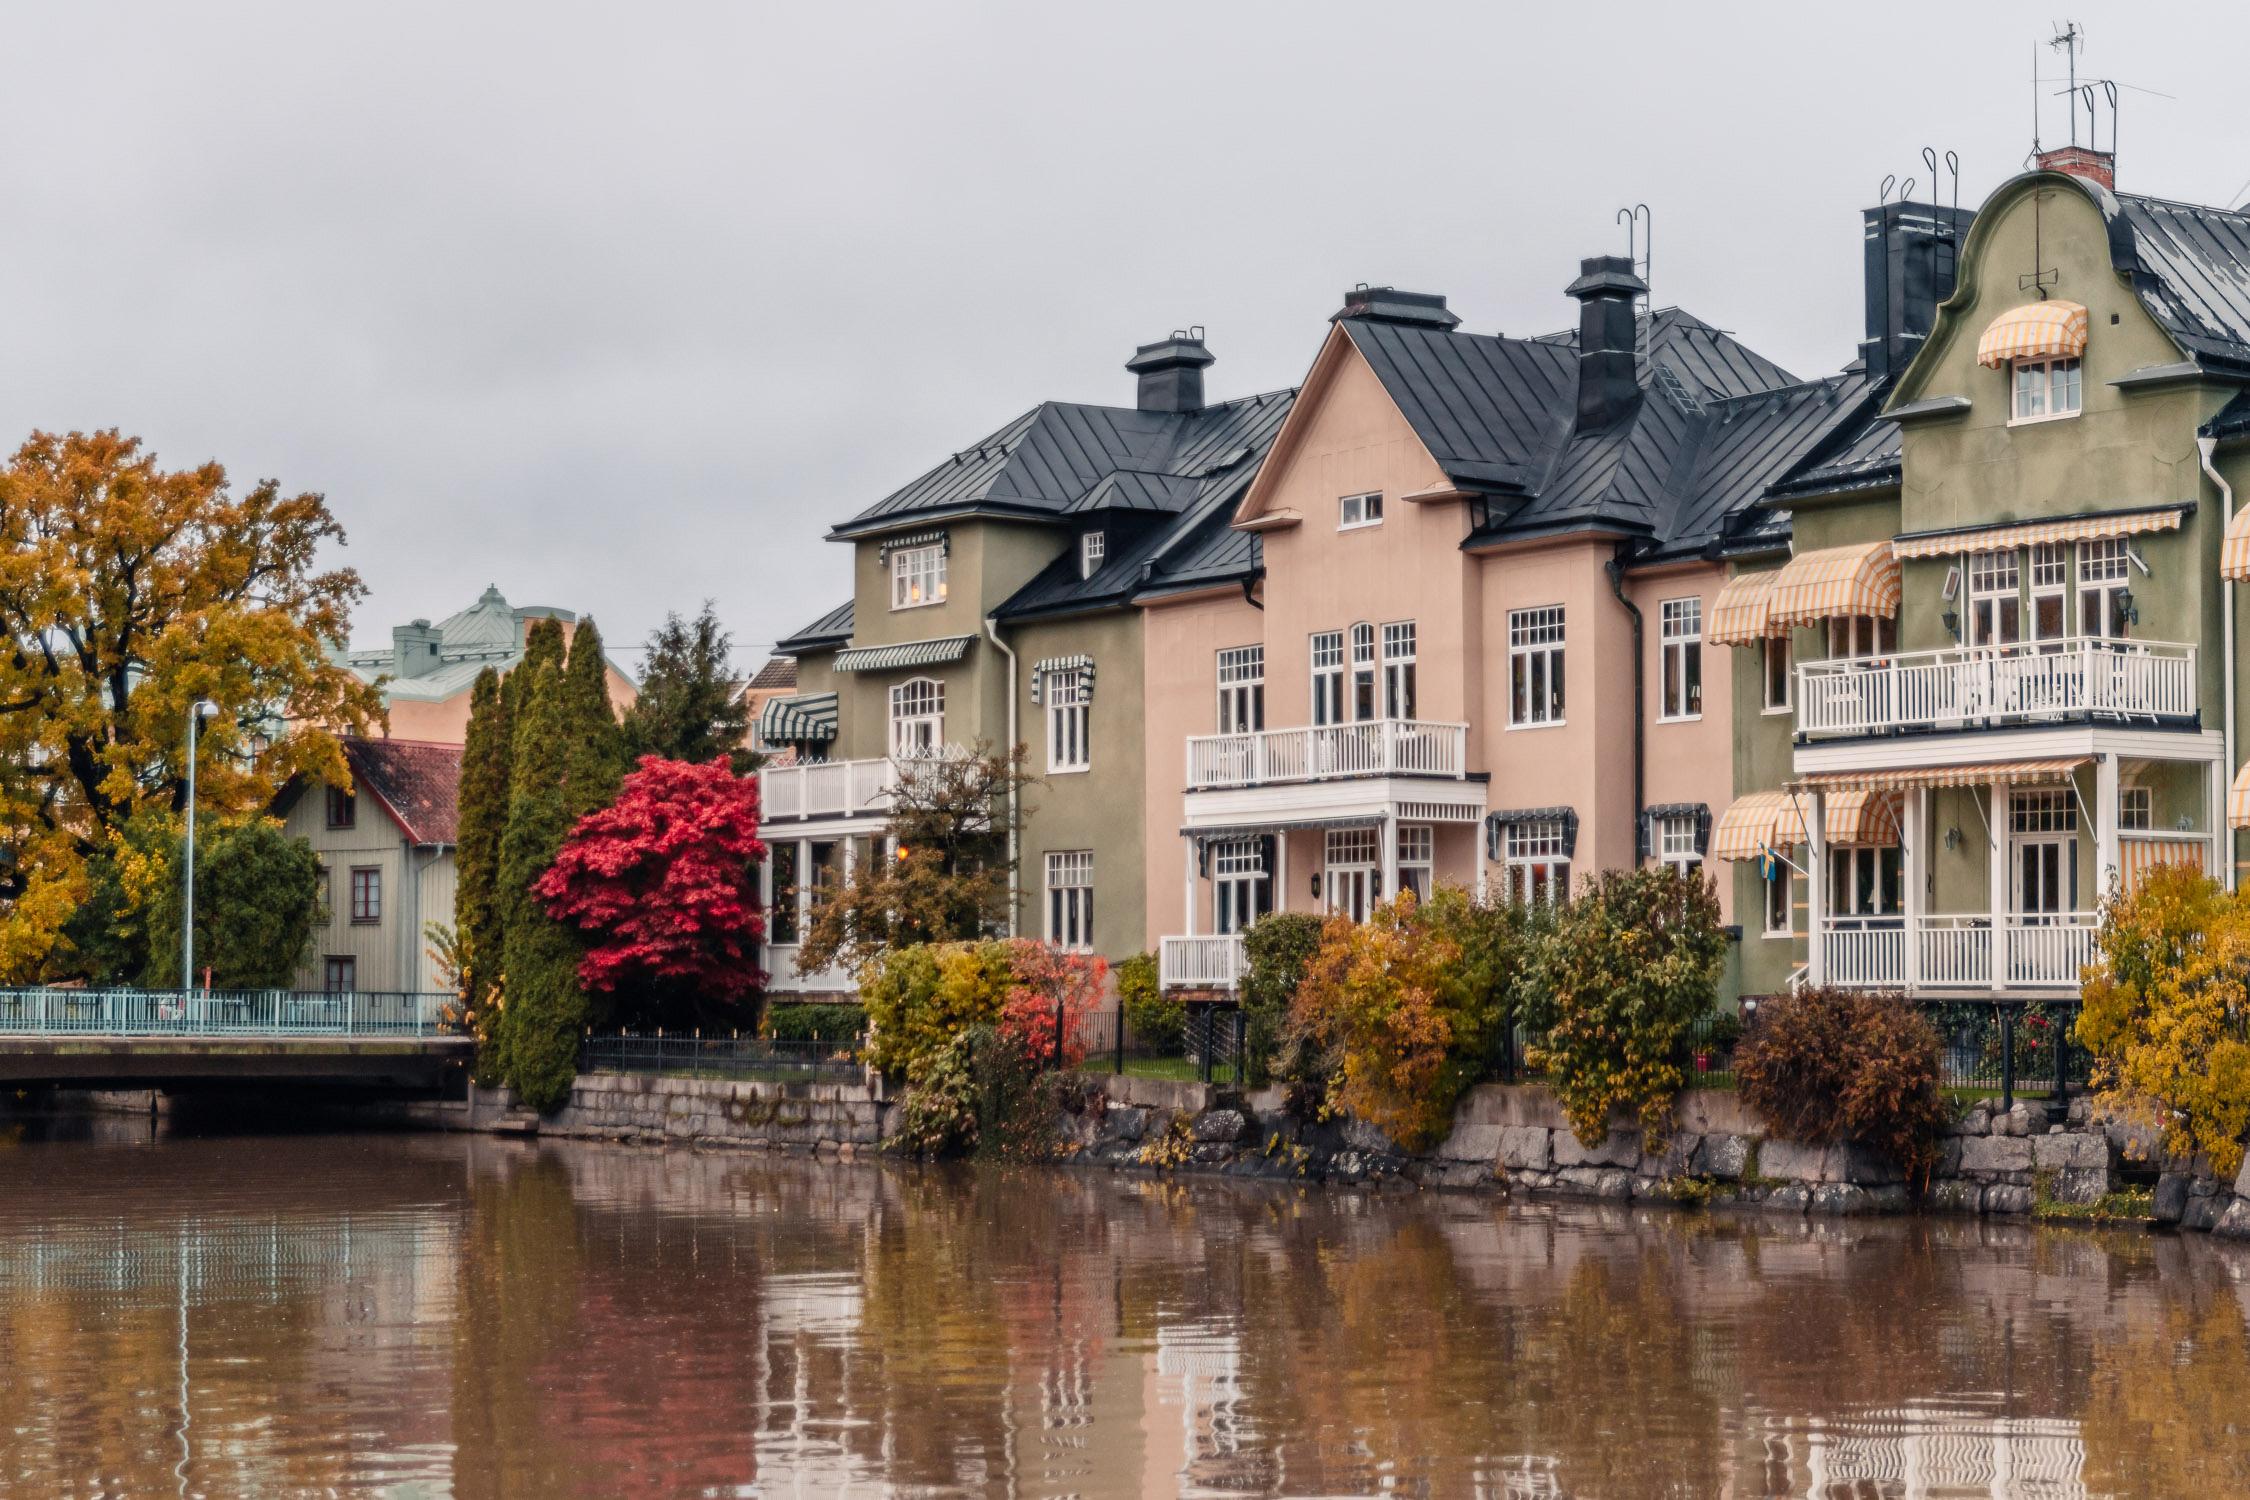 Vackra hus i grönt och rosa vid Åstråket längs Svartån i Örebro